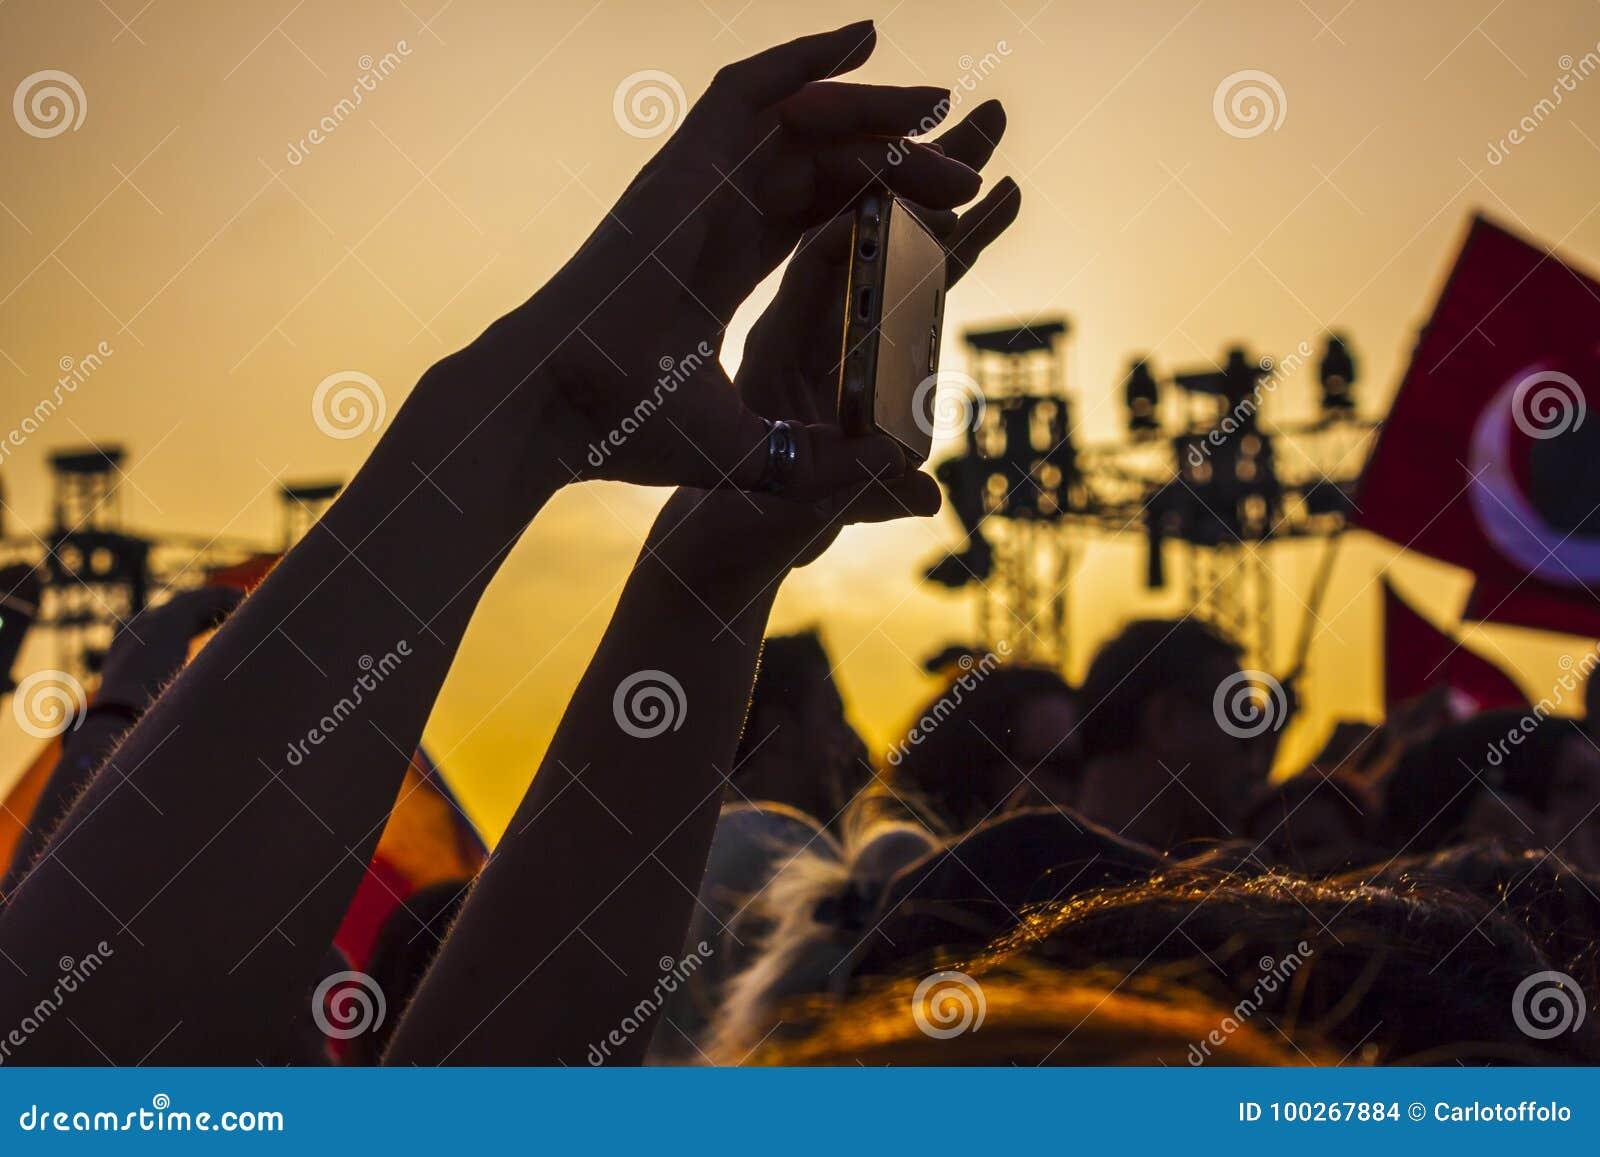 La mujer está tirando el vídeo con su smartphone en la puesta del sol